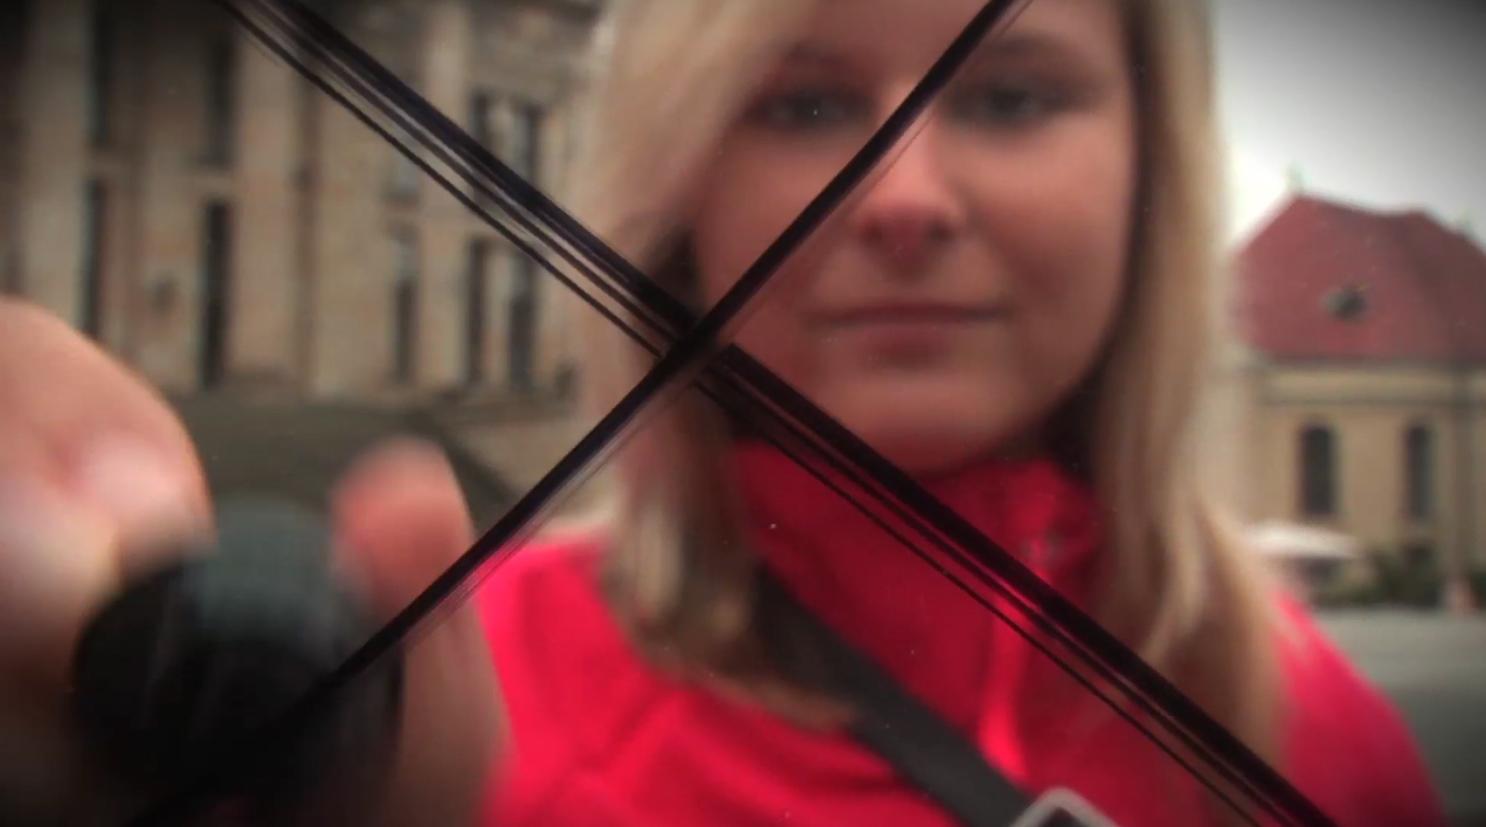 Video: Geh wählen - Du bist der Spielemacher! © spothits/mhoch4tv